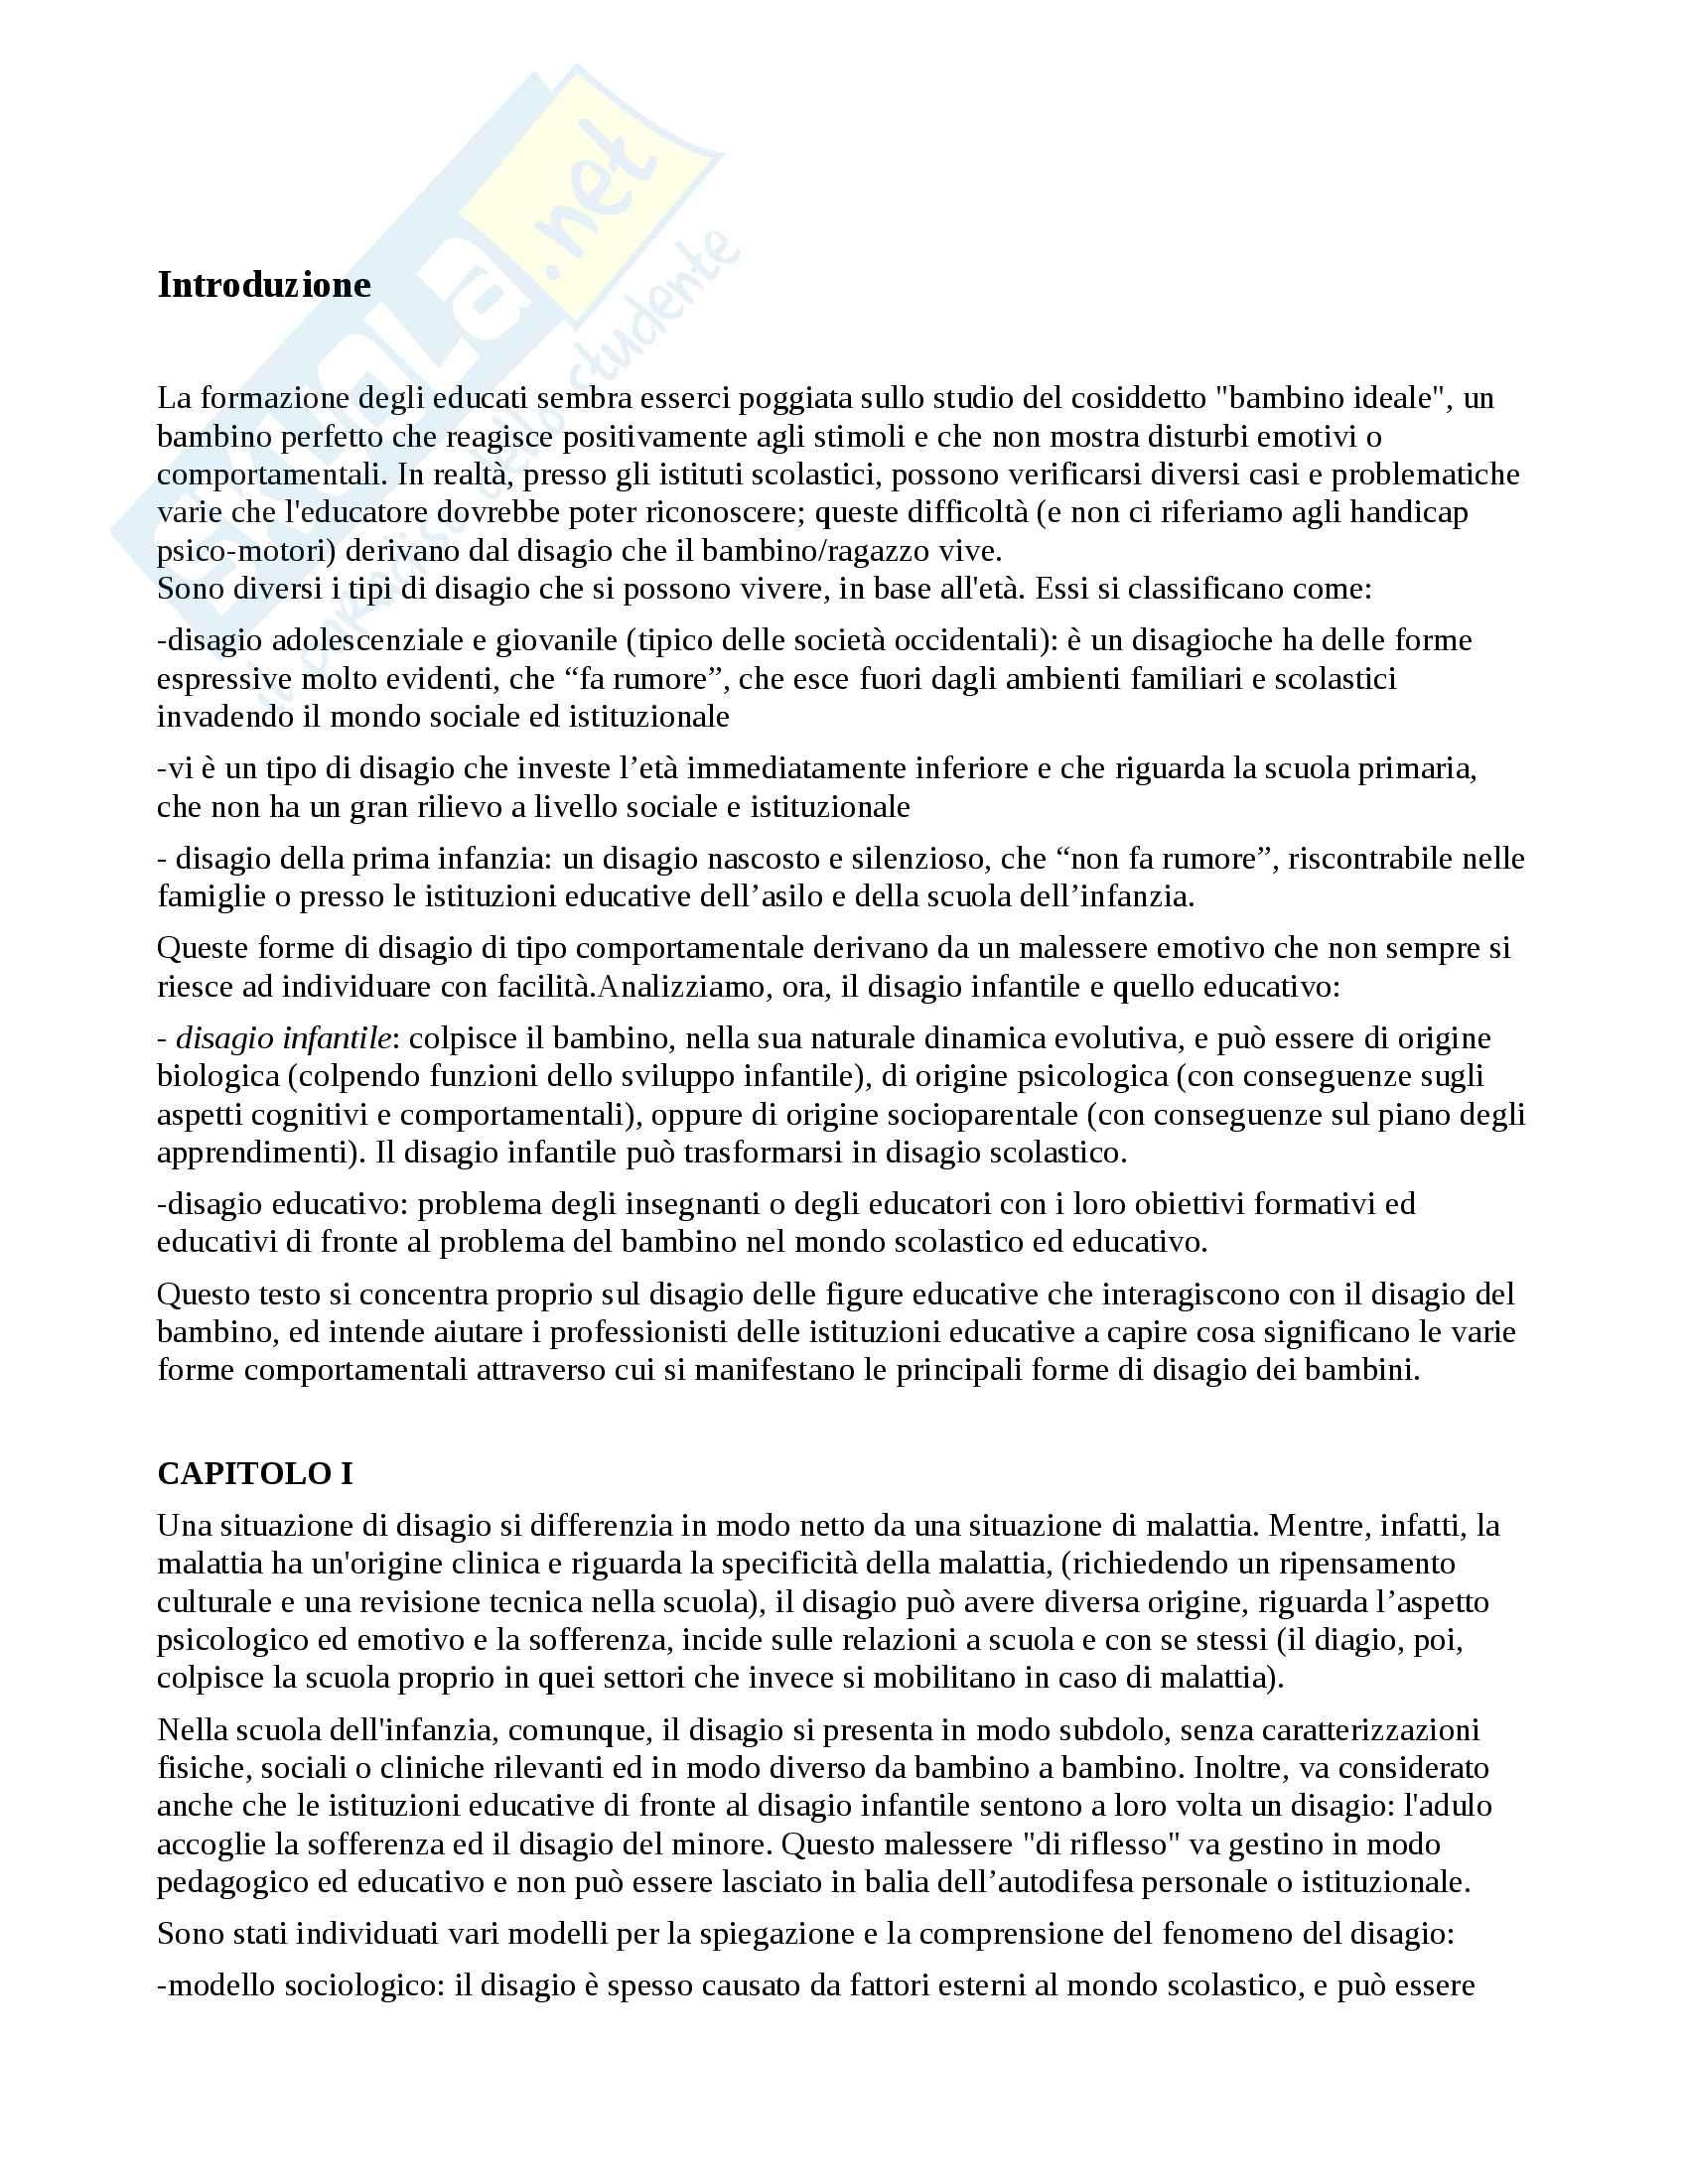 Riassunto per l'esame di Pedagogia, prof. Gritti, libro consigliato Il disagio educativo al nido e alla scuola dell'infanzia di Giuseppe Nicolodi